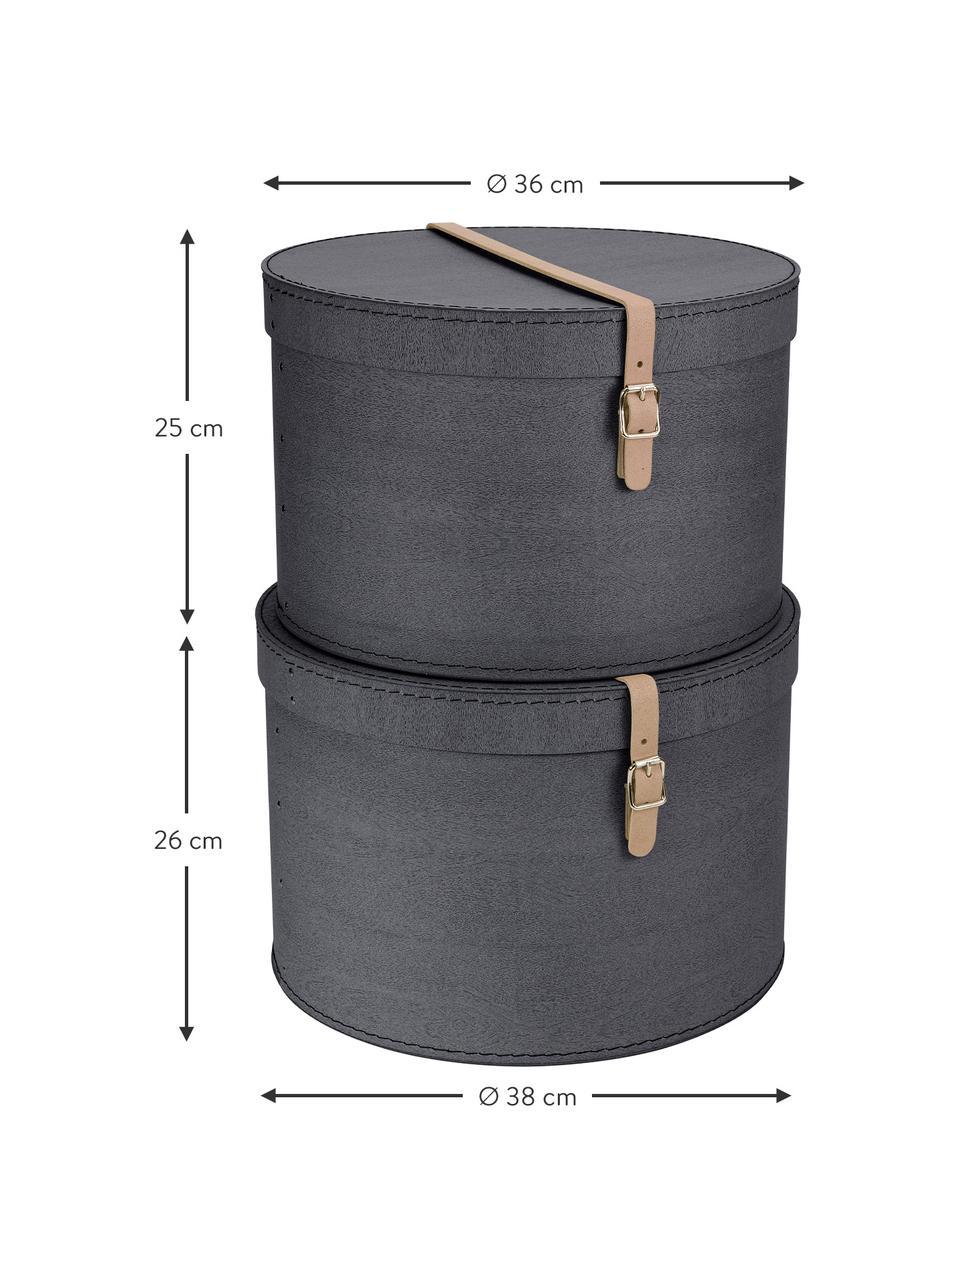 Set 2 scatole Rut, Scatola: cartone massiccio, stampa, Manico: pelle, metallo, La scatola all'esterno: nera<br>Scatola interna: nera<br>Maniglia: beige, Set in varie misure